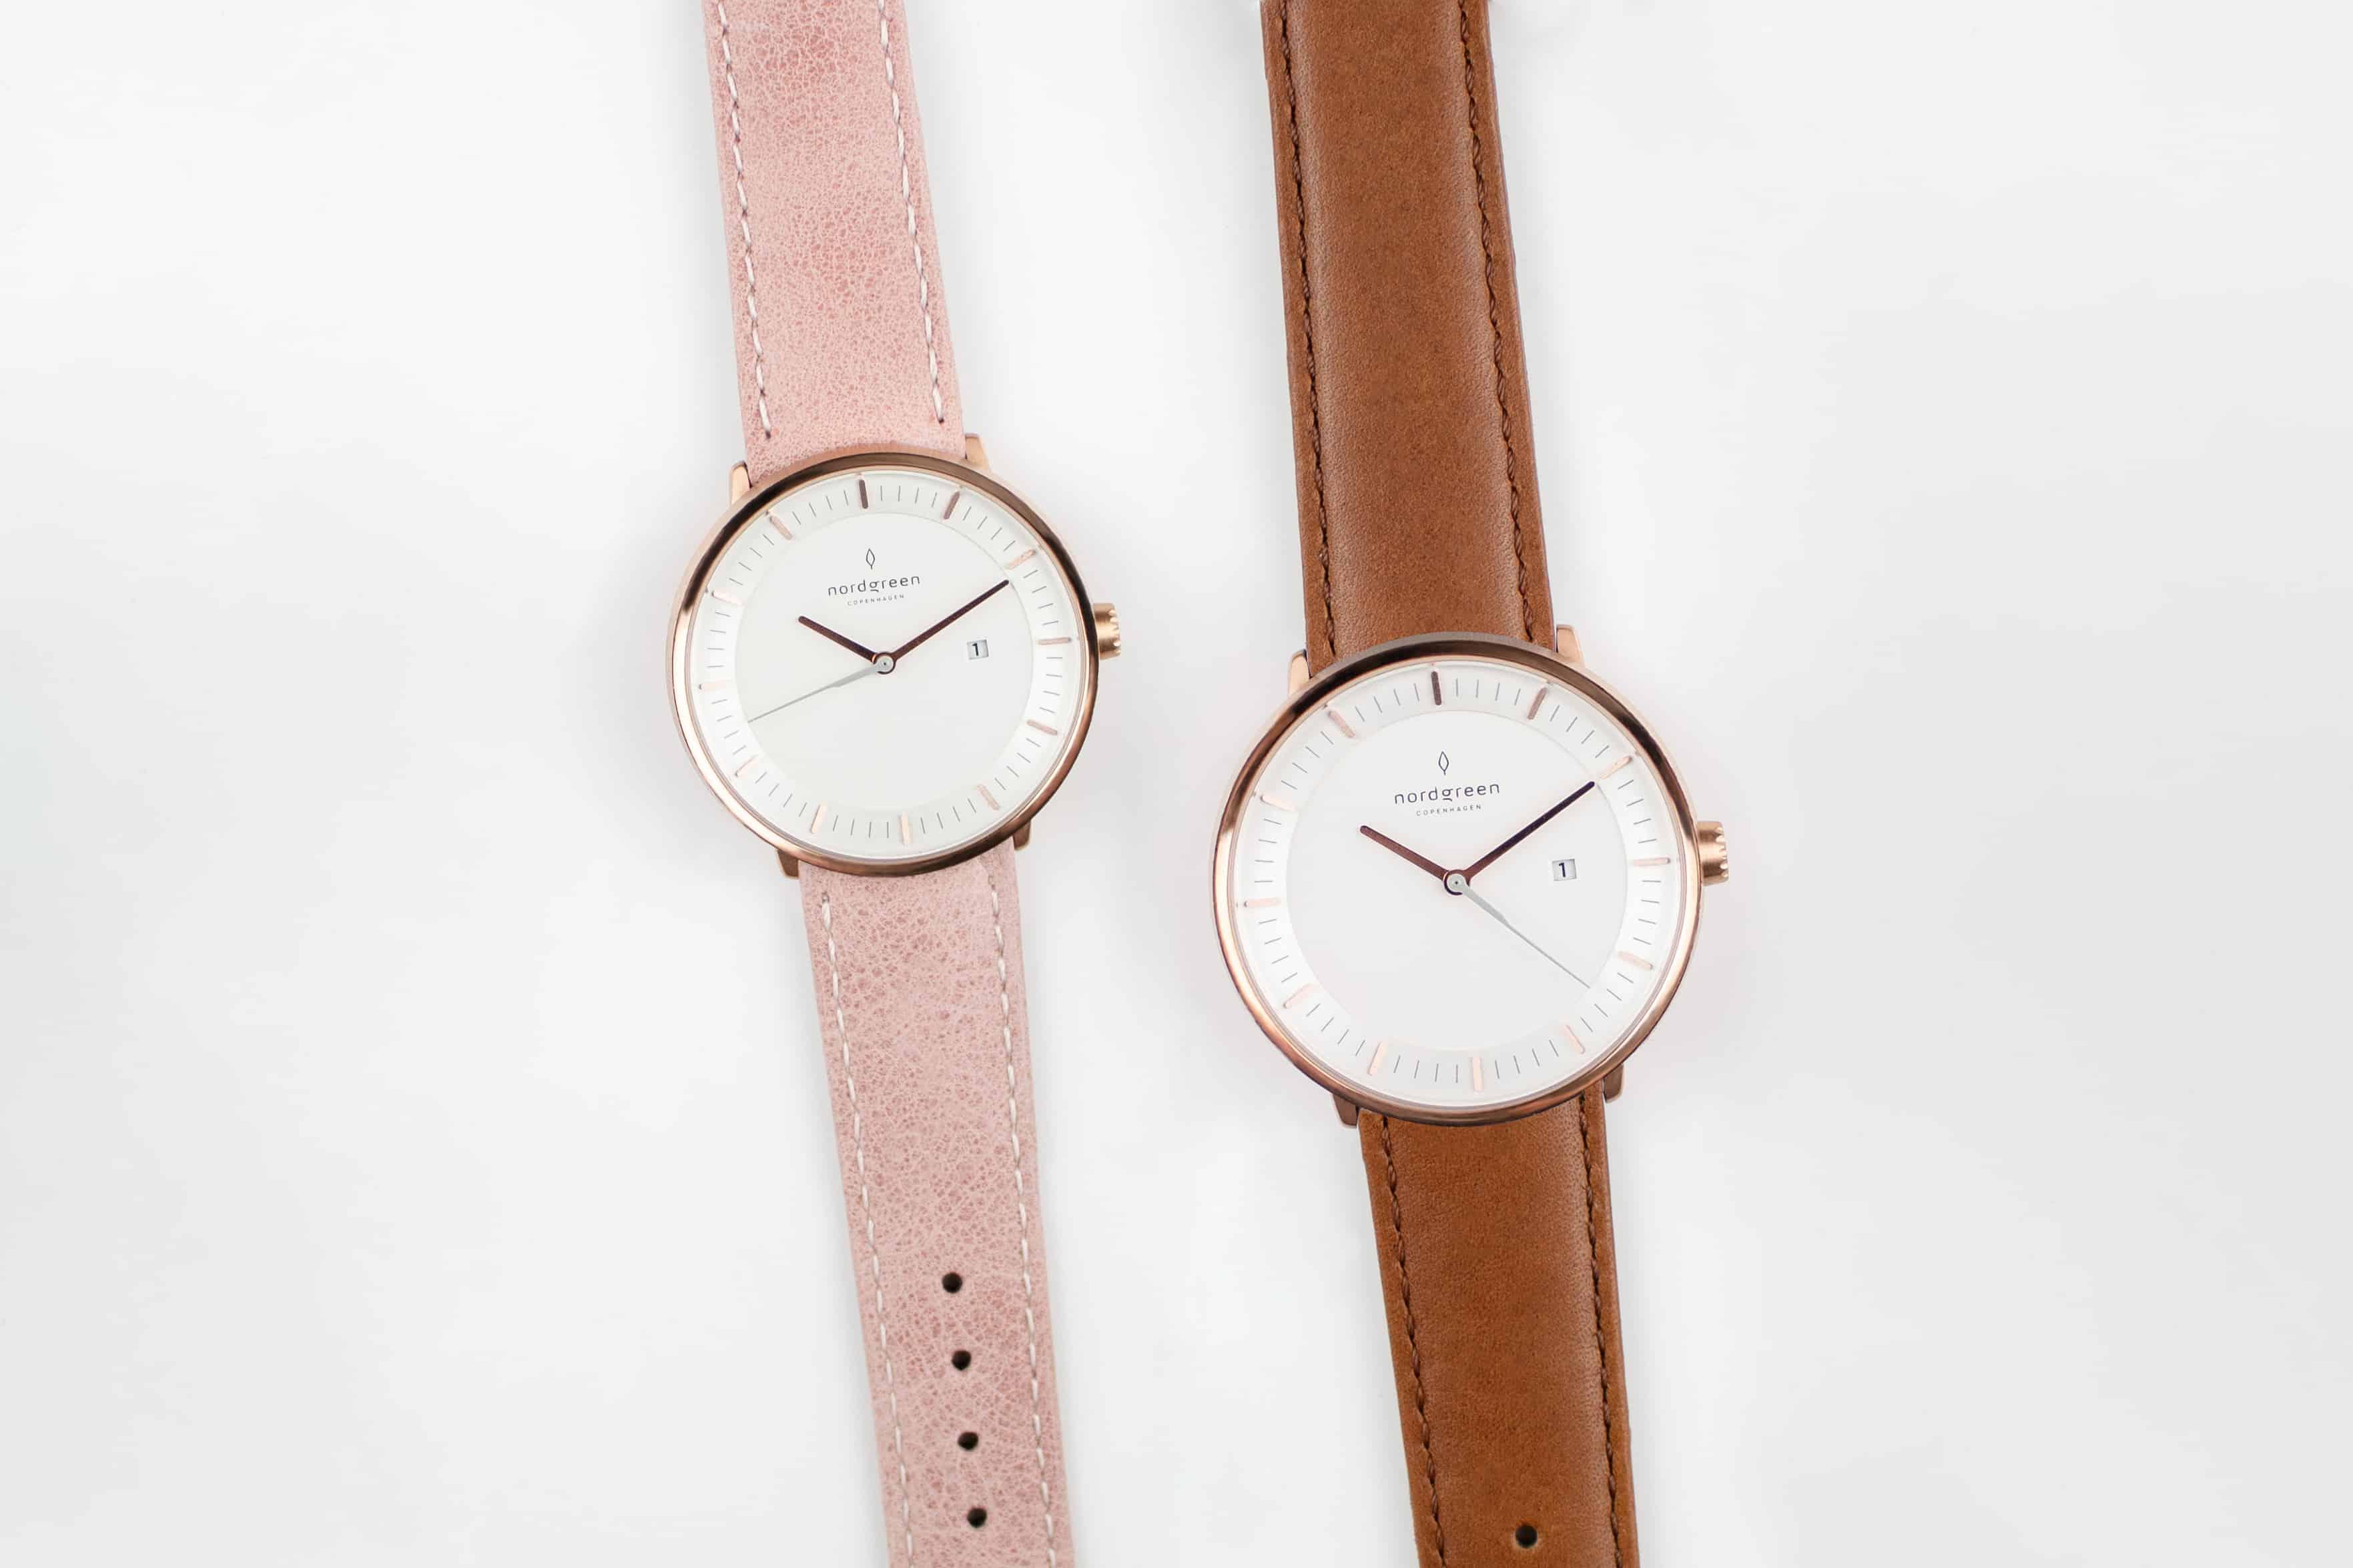 Nordgreen minimalist watches